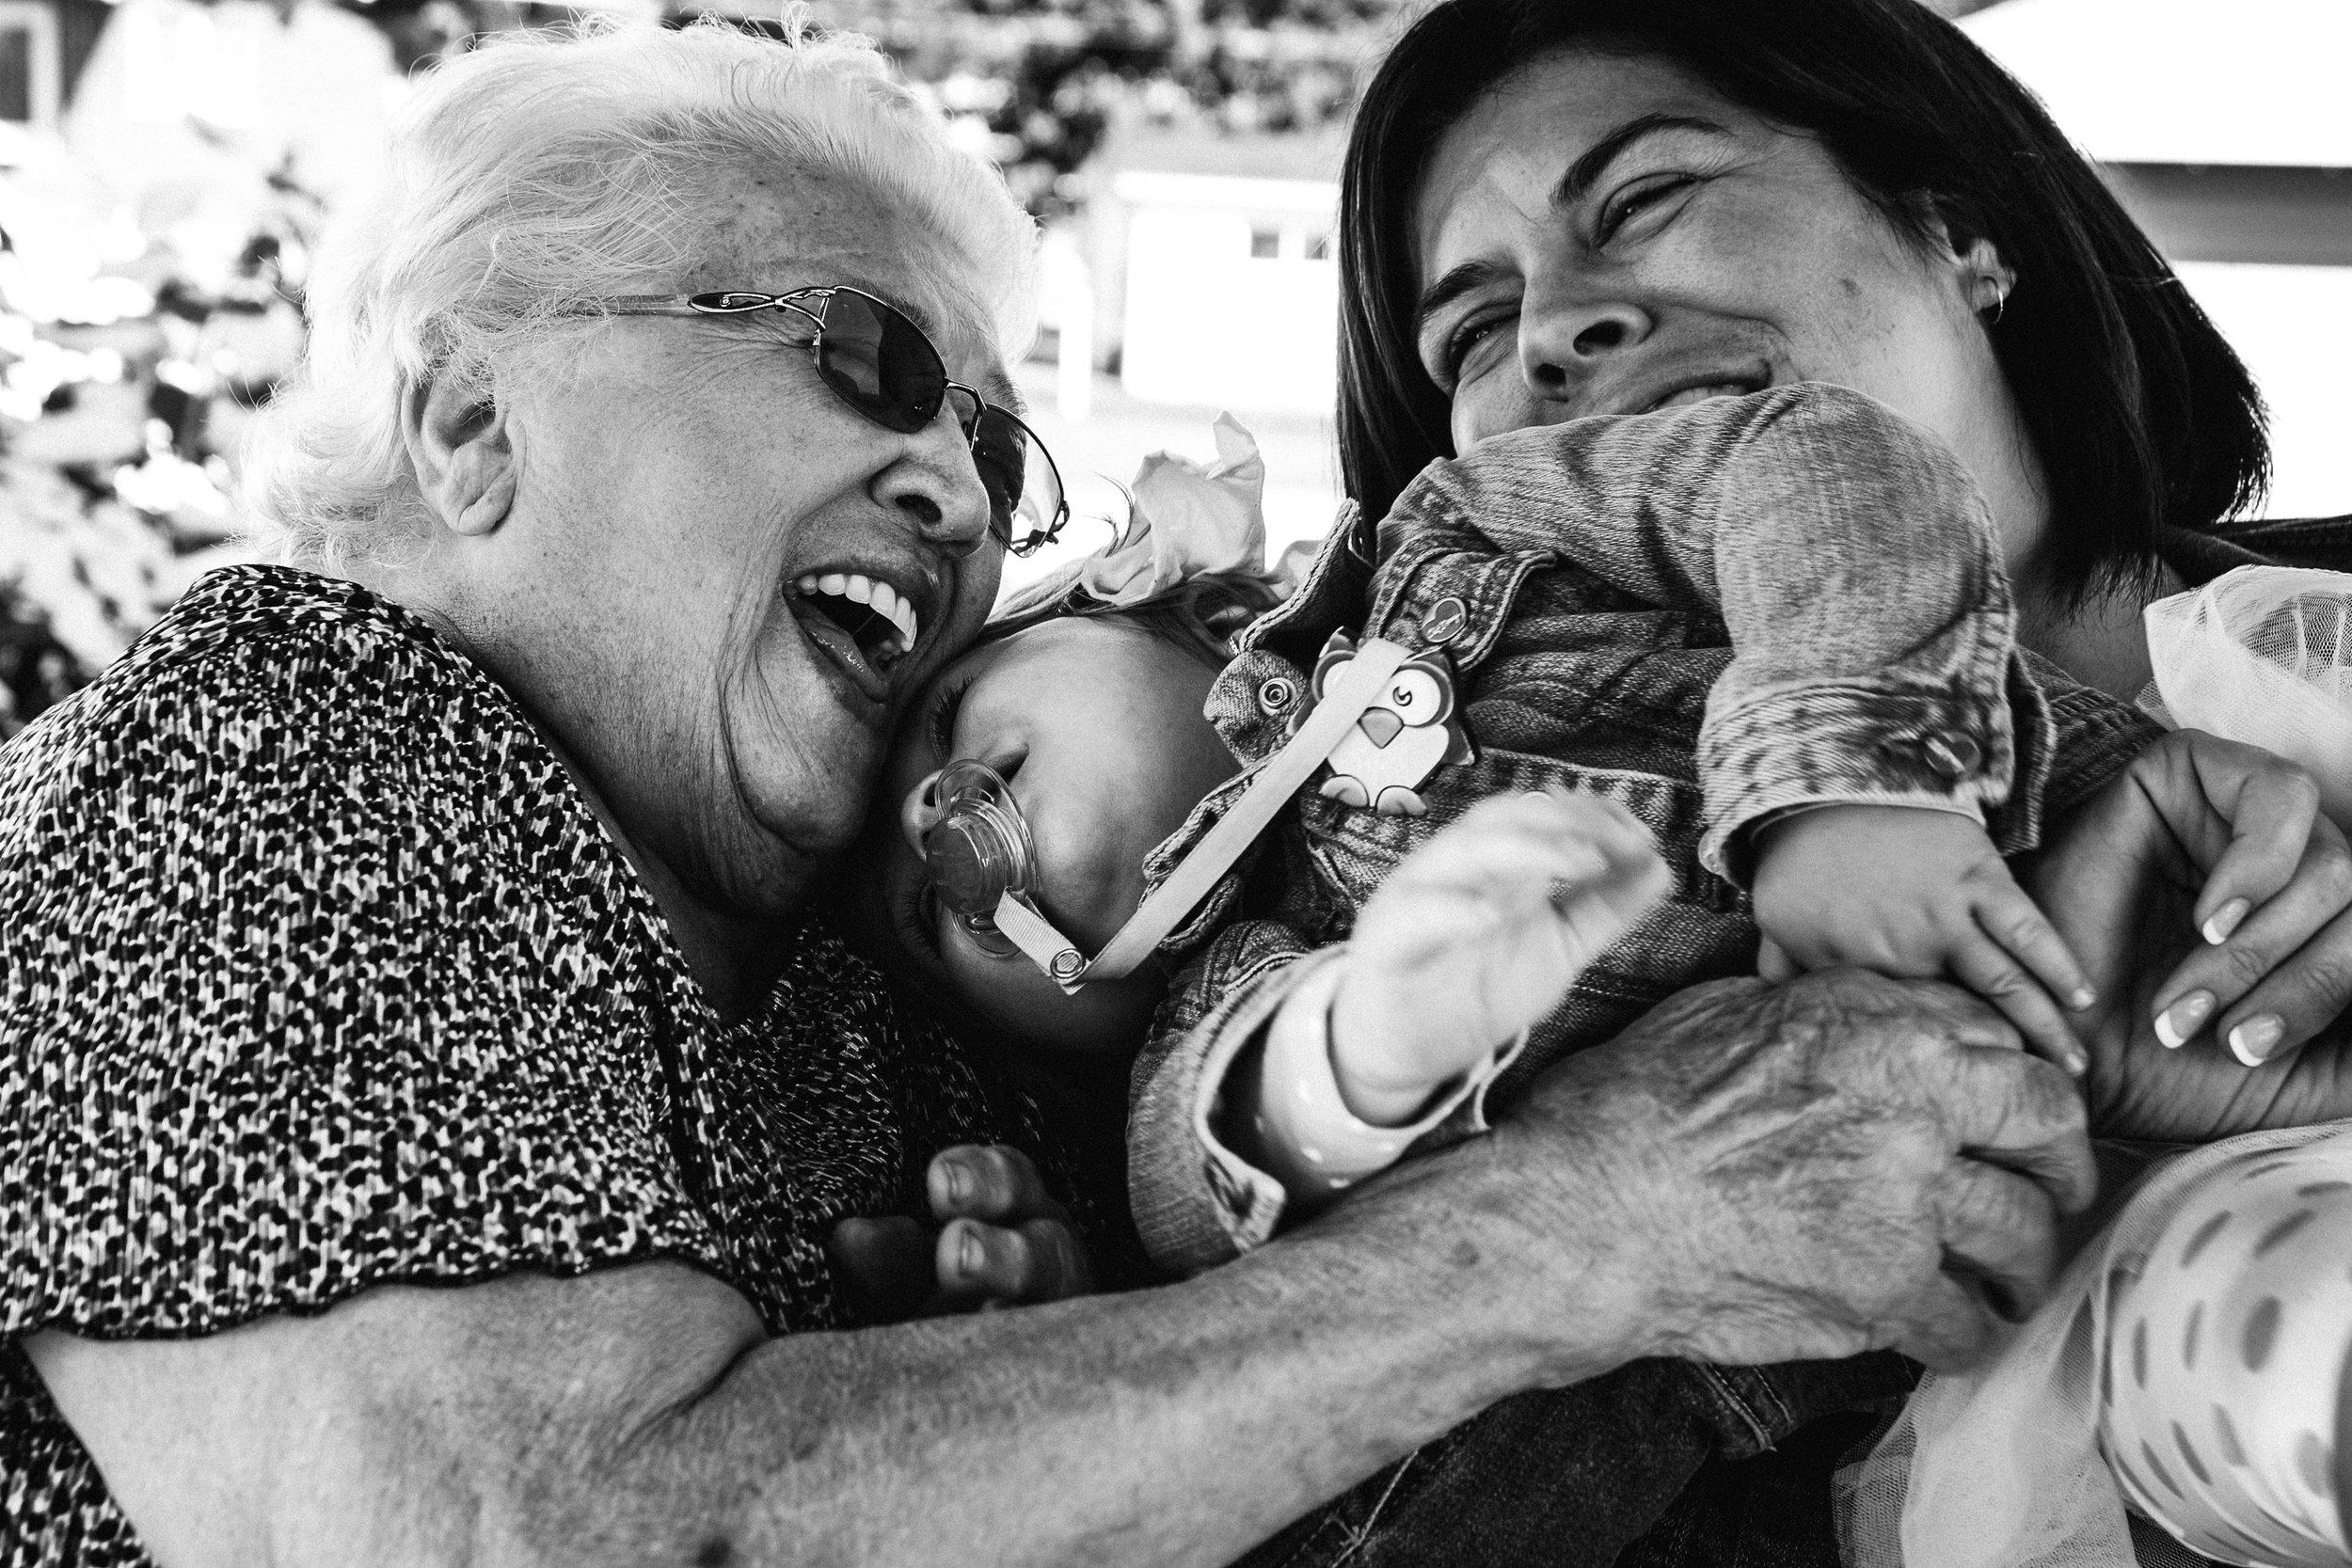 photo-noir-et-blanc-d-une-grand-maman-qui-rigole-avec-son-arriere-petite-fille-et-sa-mere-photographe-lifestyle-famille-et-nouveau-ne-a-montreal-marianne-charland-.jpg